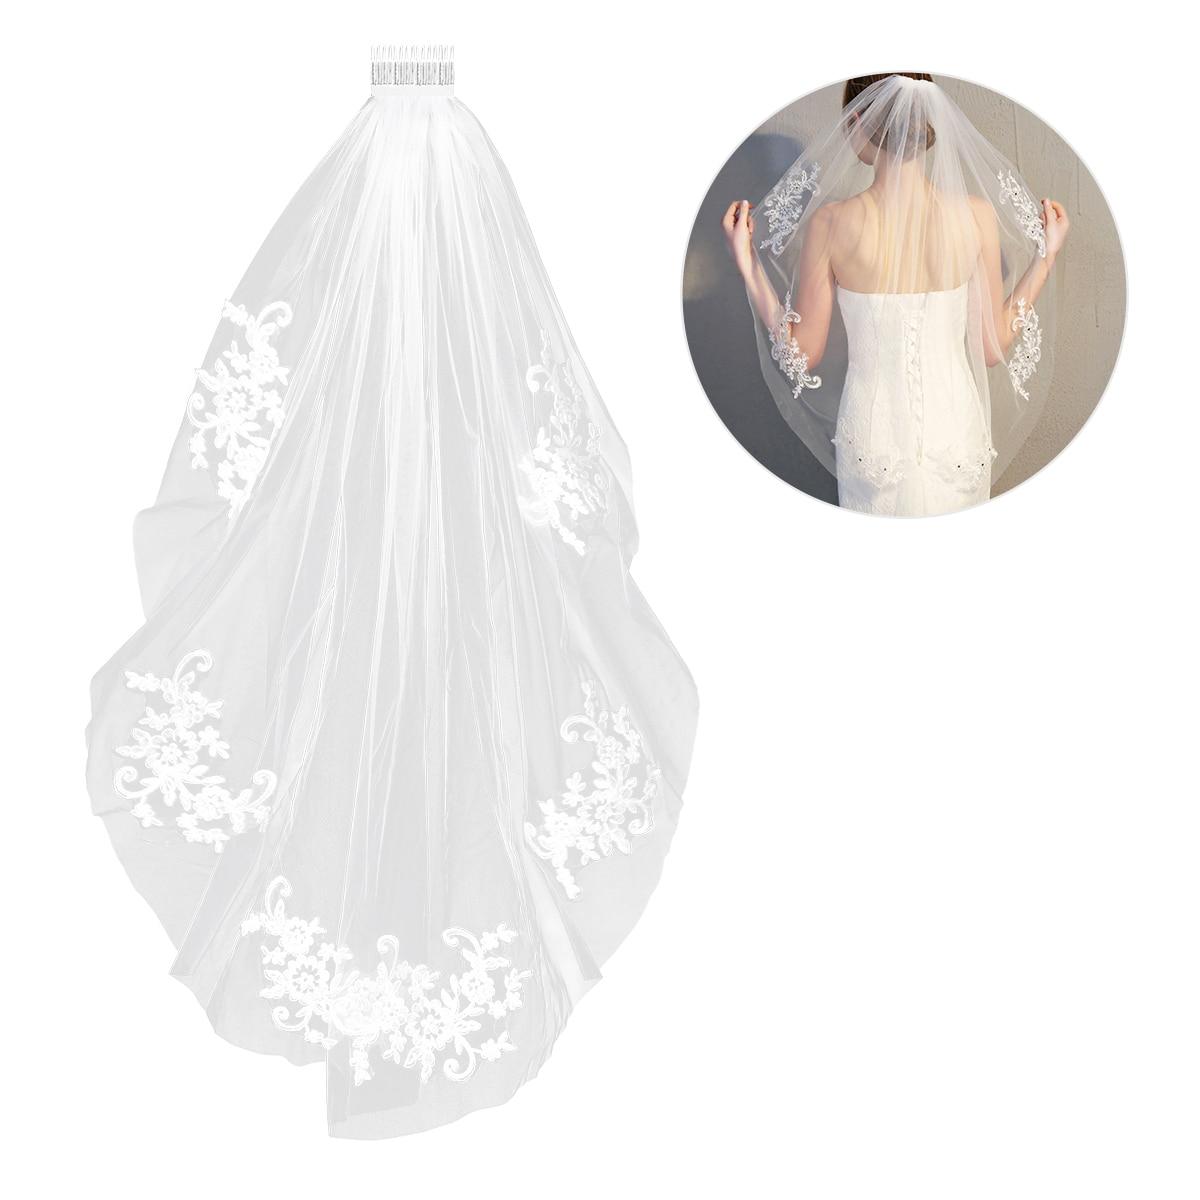 Bridal Veils Elegant Rhinestone Lace Veil Wedding Veil Hair Accessory Hearwear Heardress For Baptism Wedding Communion